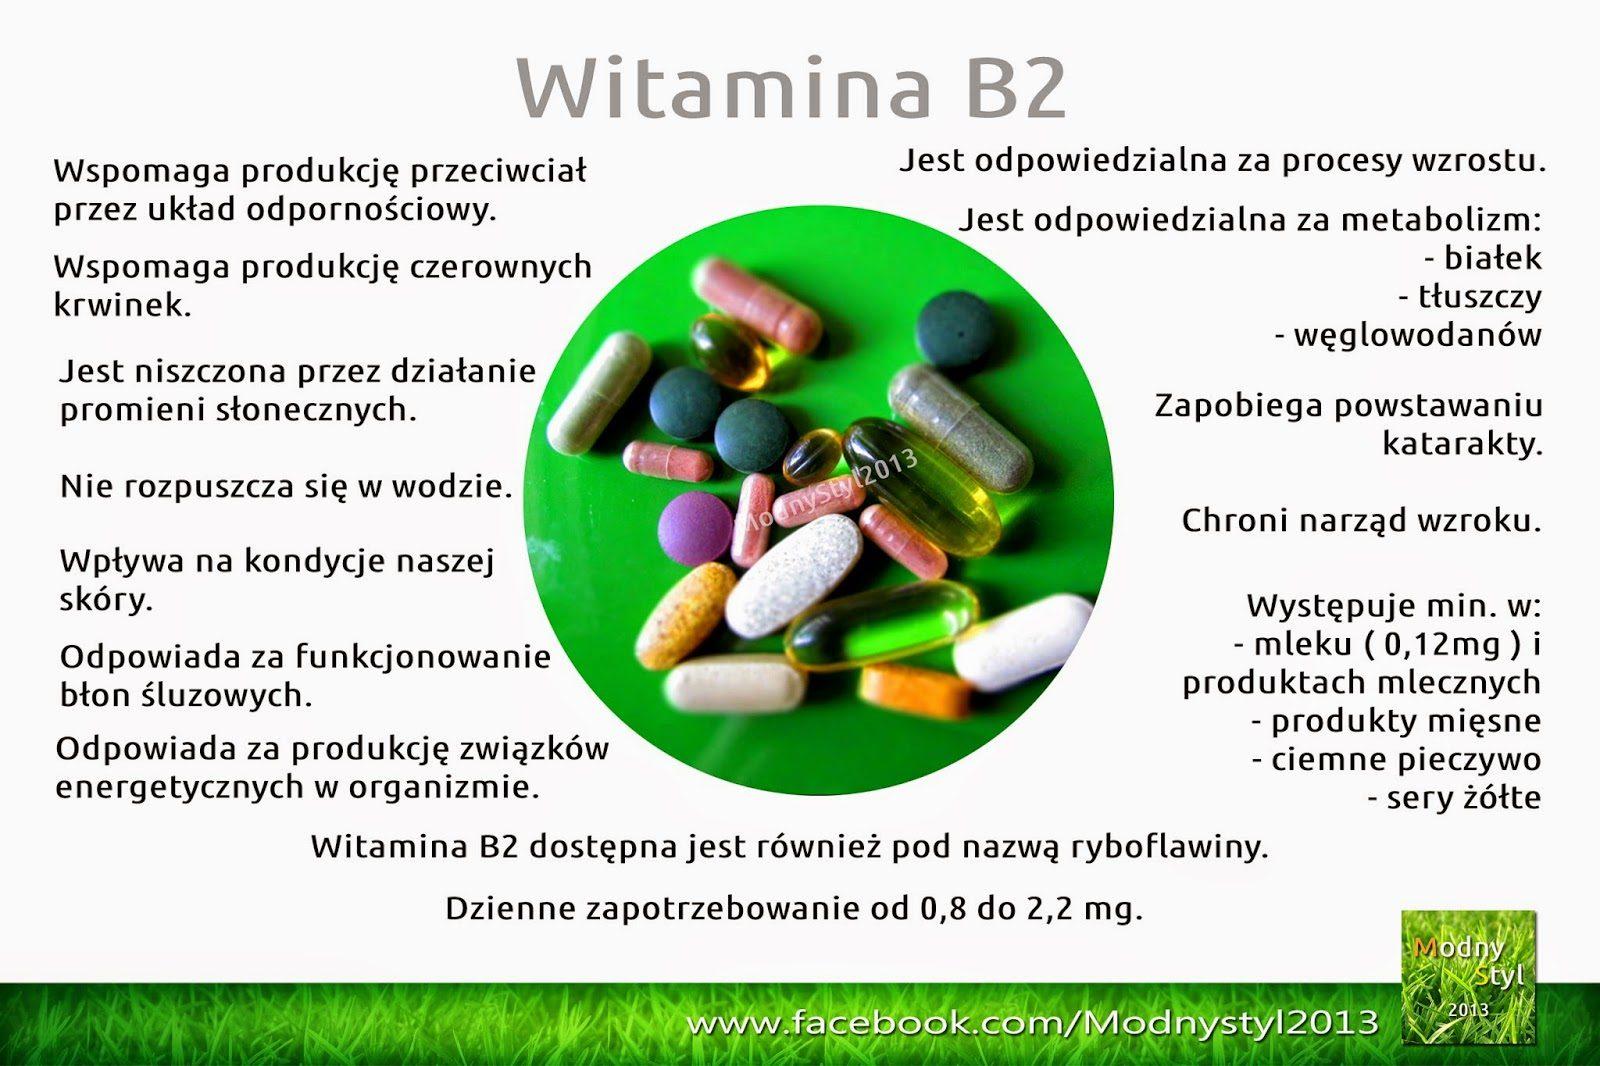 witamina2bb2-8748848